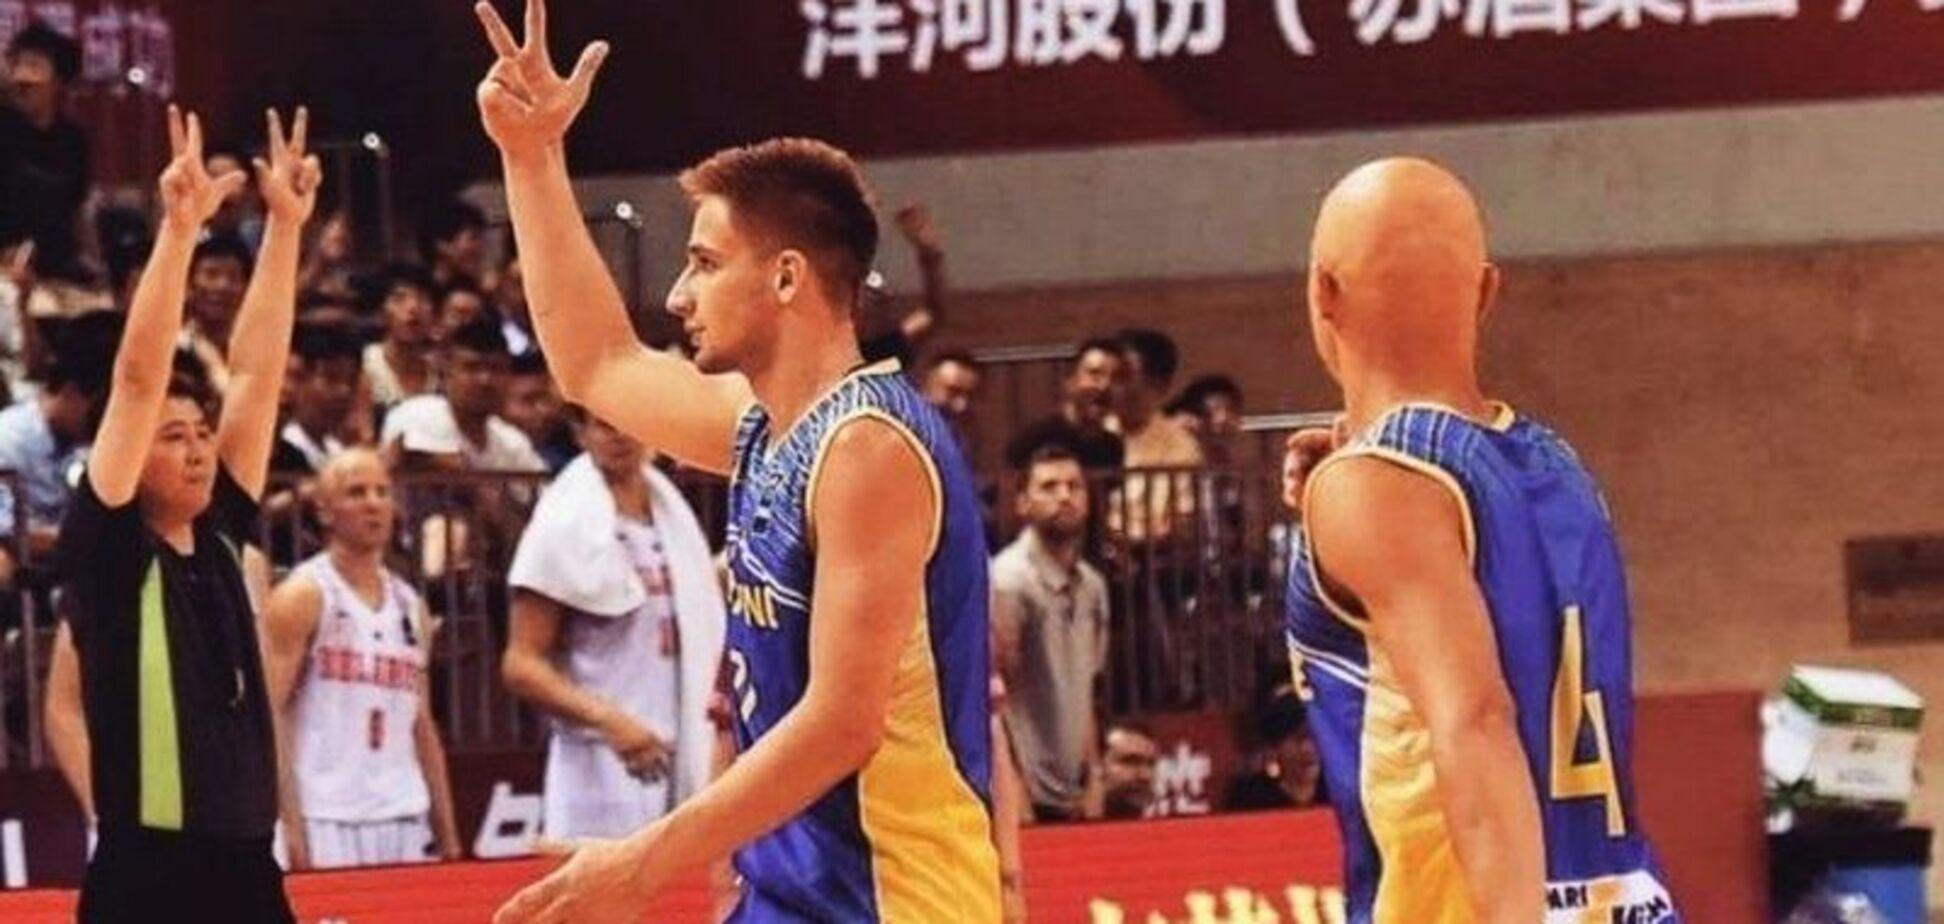 Збірна України з баскетболу не змогла вийти у чвертьфінал Універсіади-2017